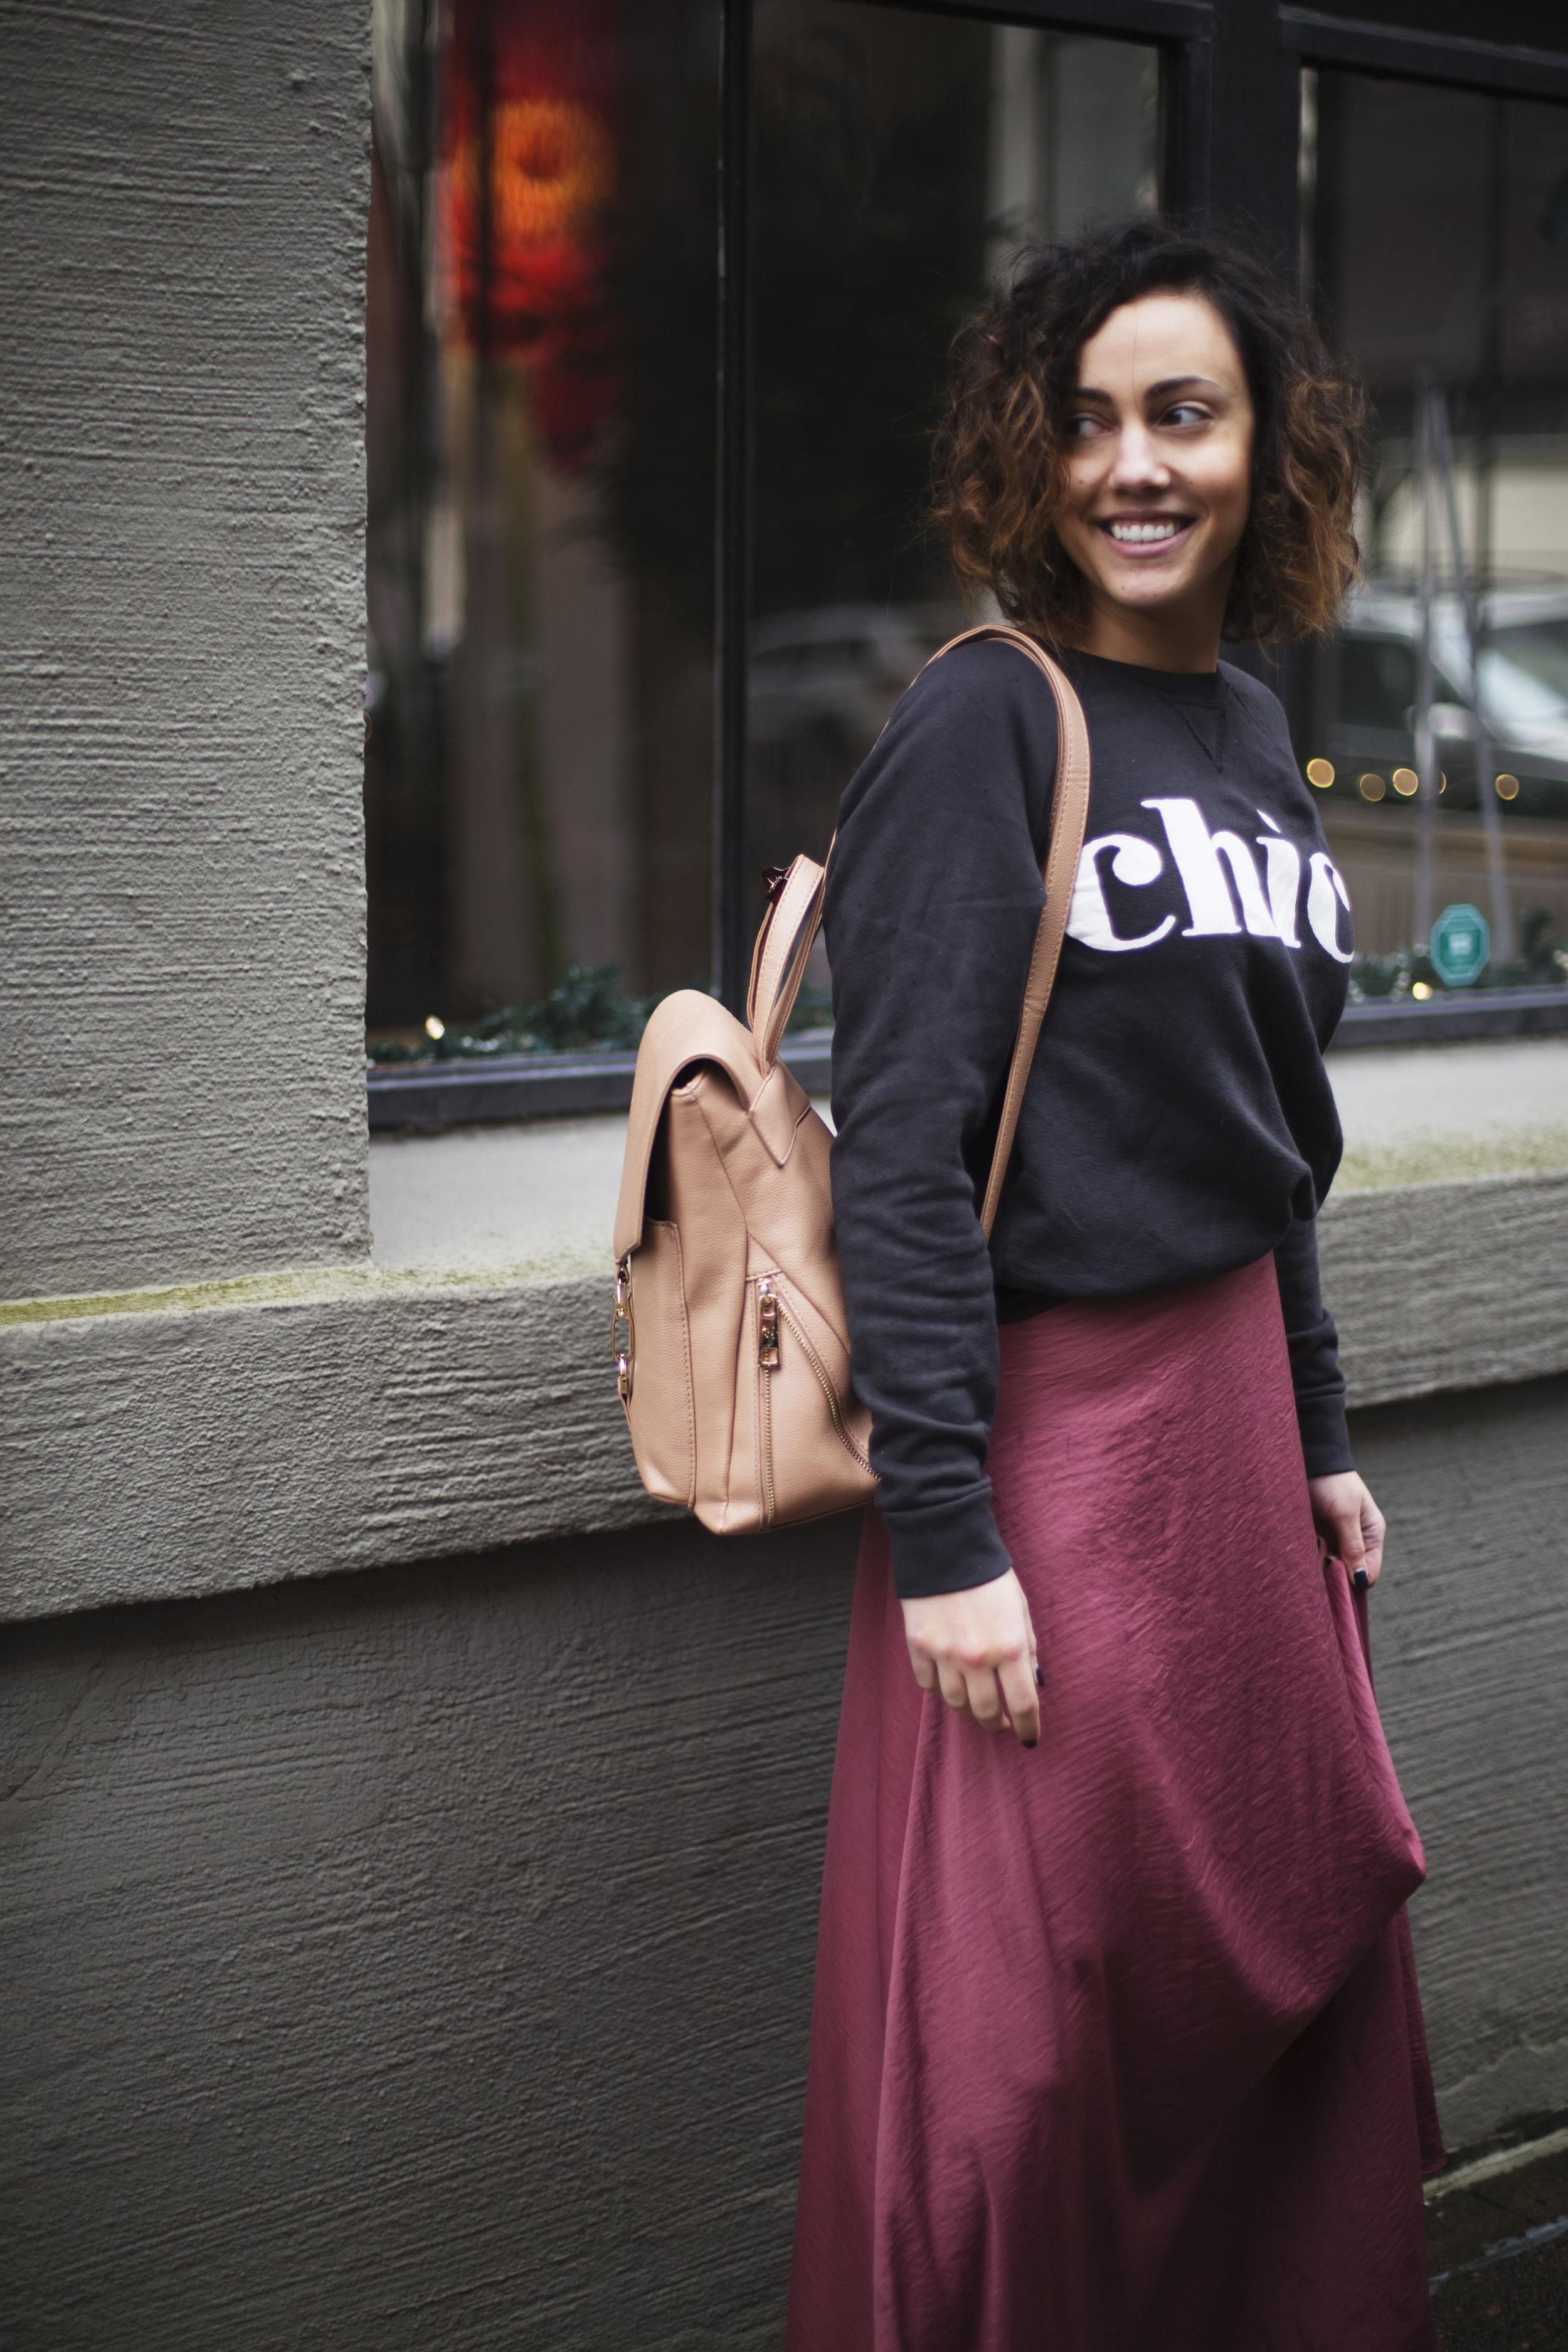 chic skirt edit 4.jpg